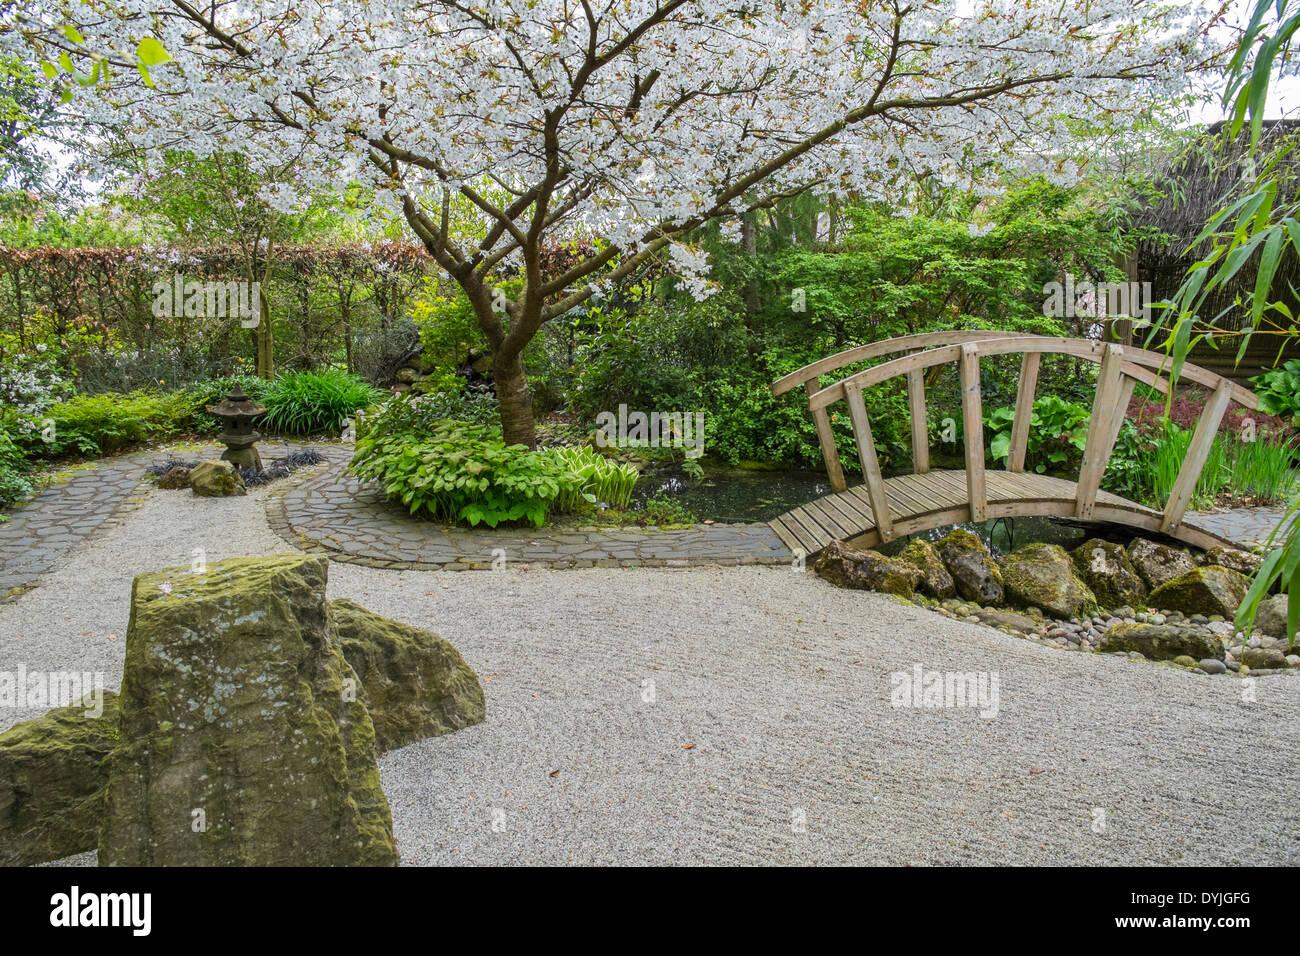 Kleiner Japanischer Garten Stockfotos & Kleiner Japanischer Garten ...